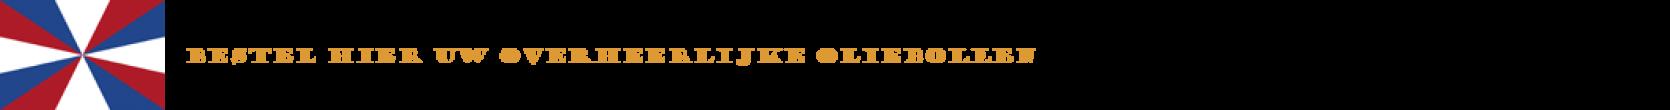 Oliebollen verkoop Scoutinggroep De Geuzen Alkmaar